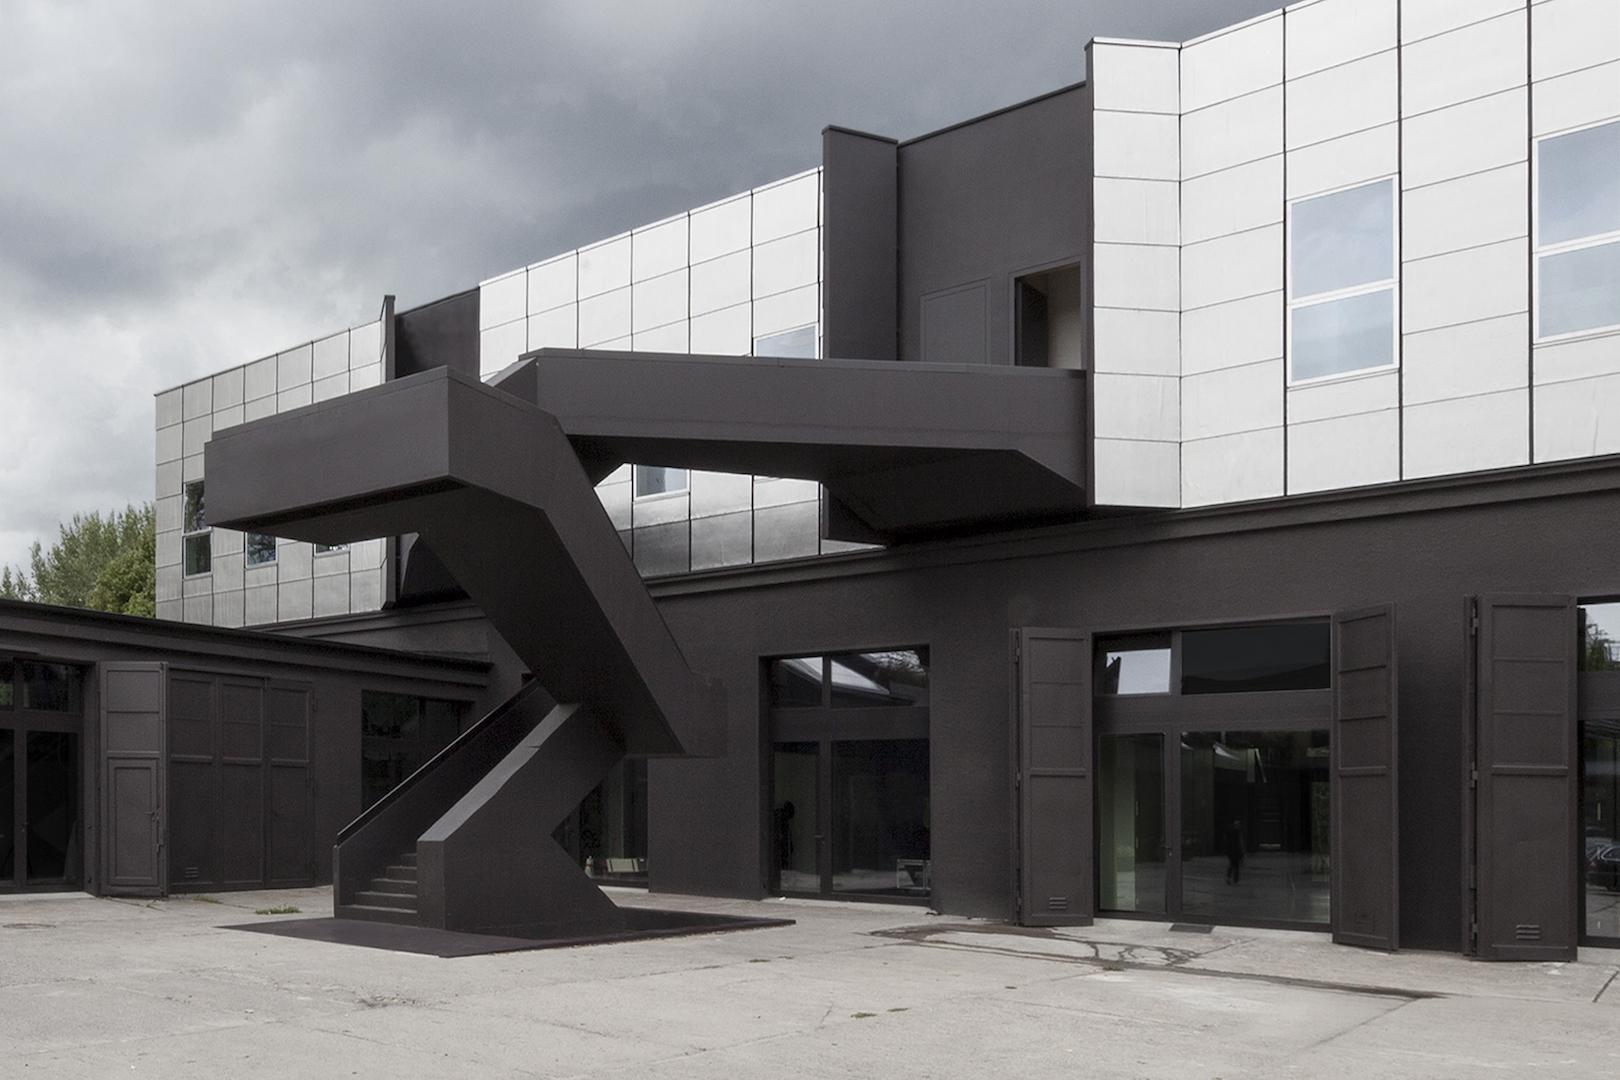 Bestandsanierung und Aufstockung der Spreestudios, Berlin